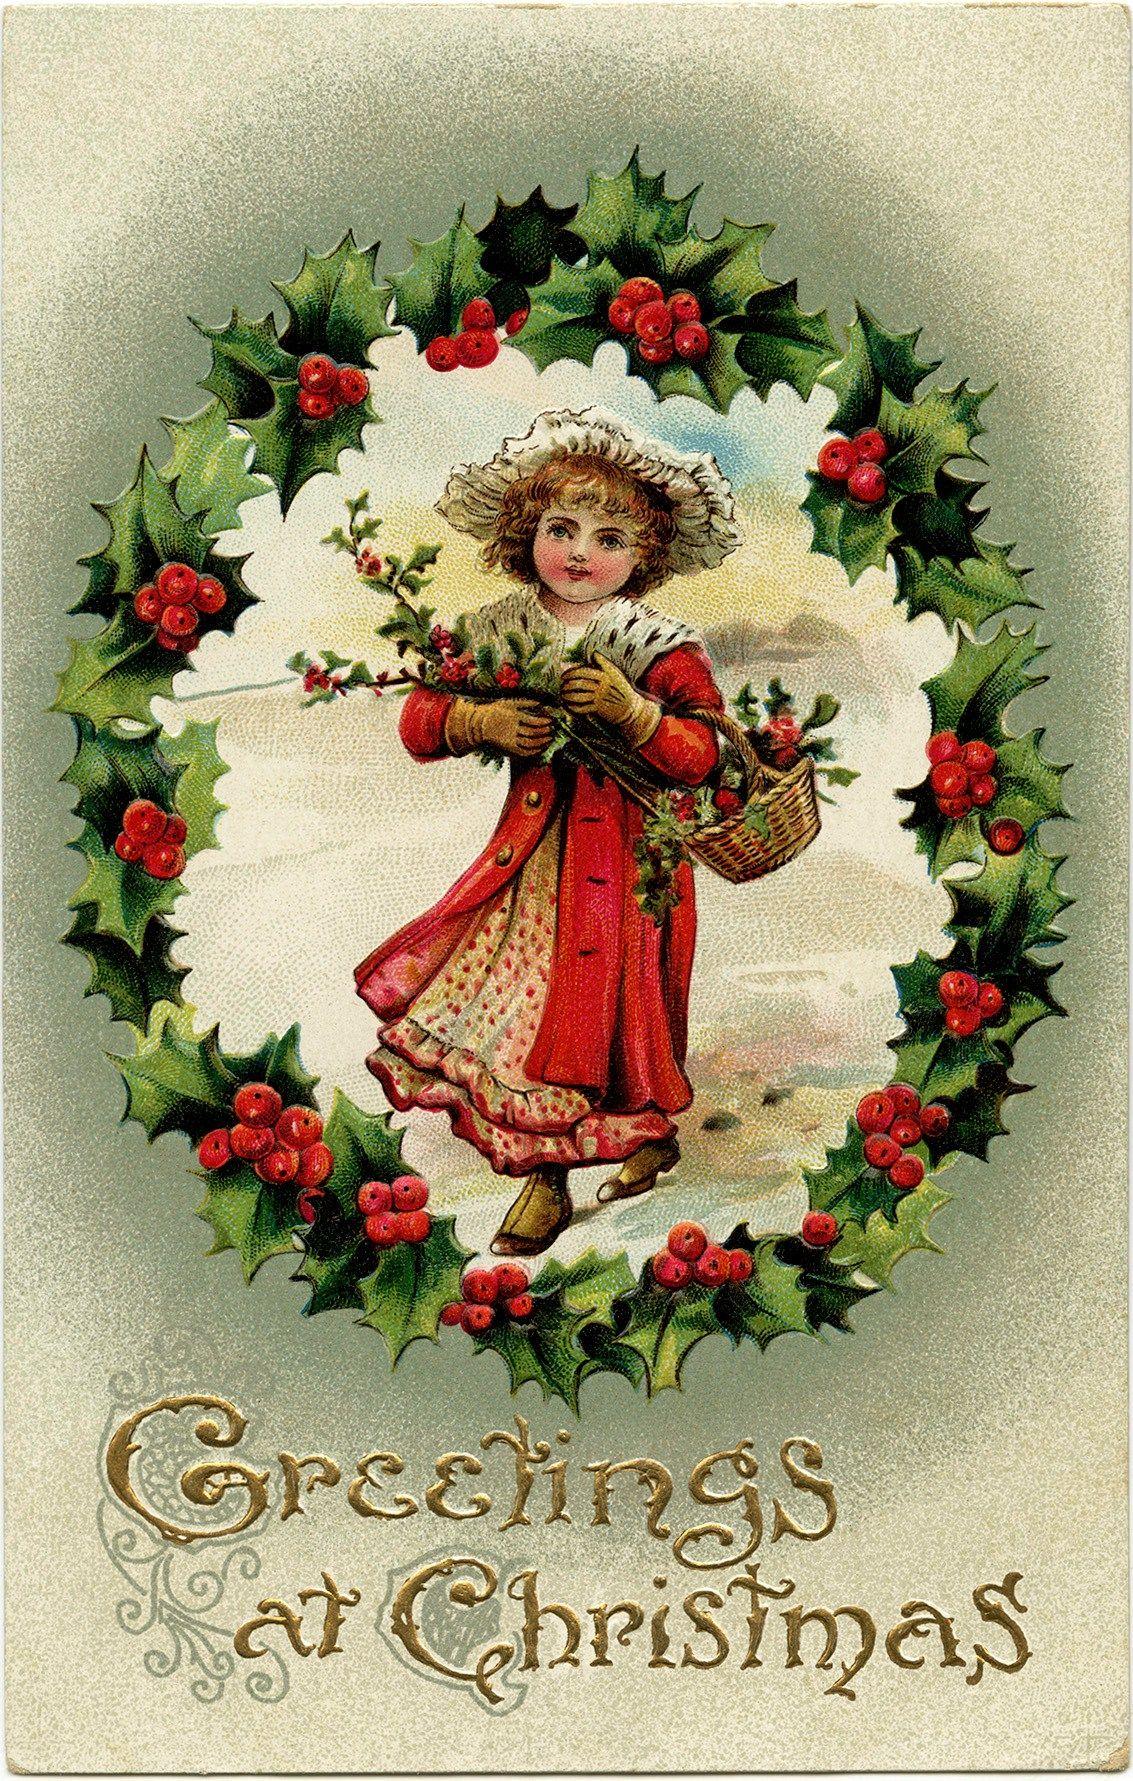 Victorian Postcard Graphics Vintage Postcard Christmas Postcard Old Fashioned Christmas Card Vict Christmas Graphics Christmas Postcard Victorian Christmas